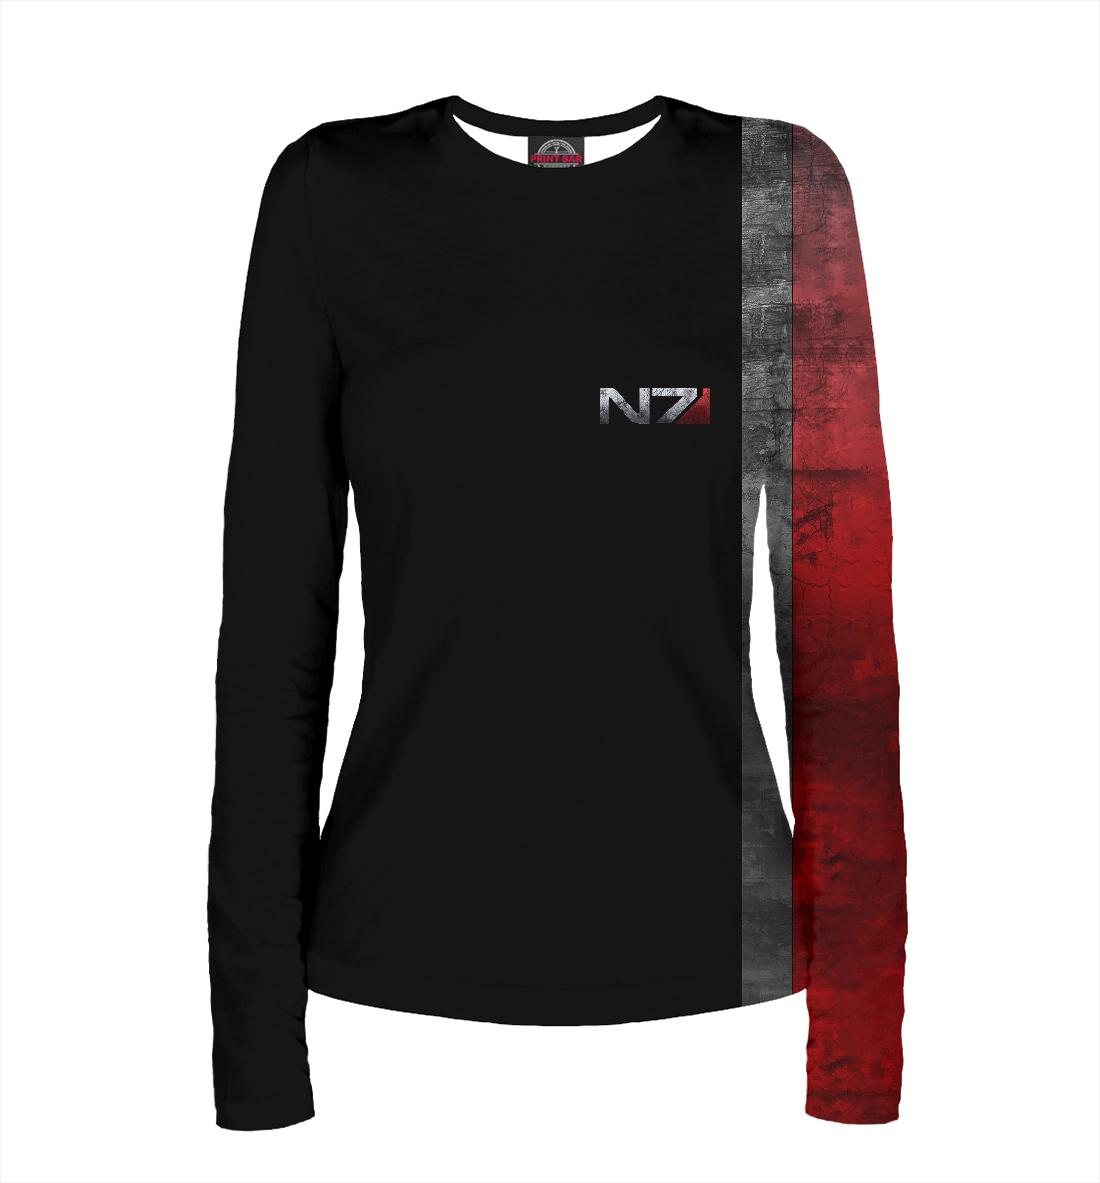 Купить N7, Printbar, Лонгсливы, MSE-334467-lon-1